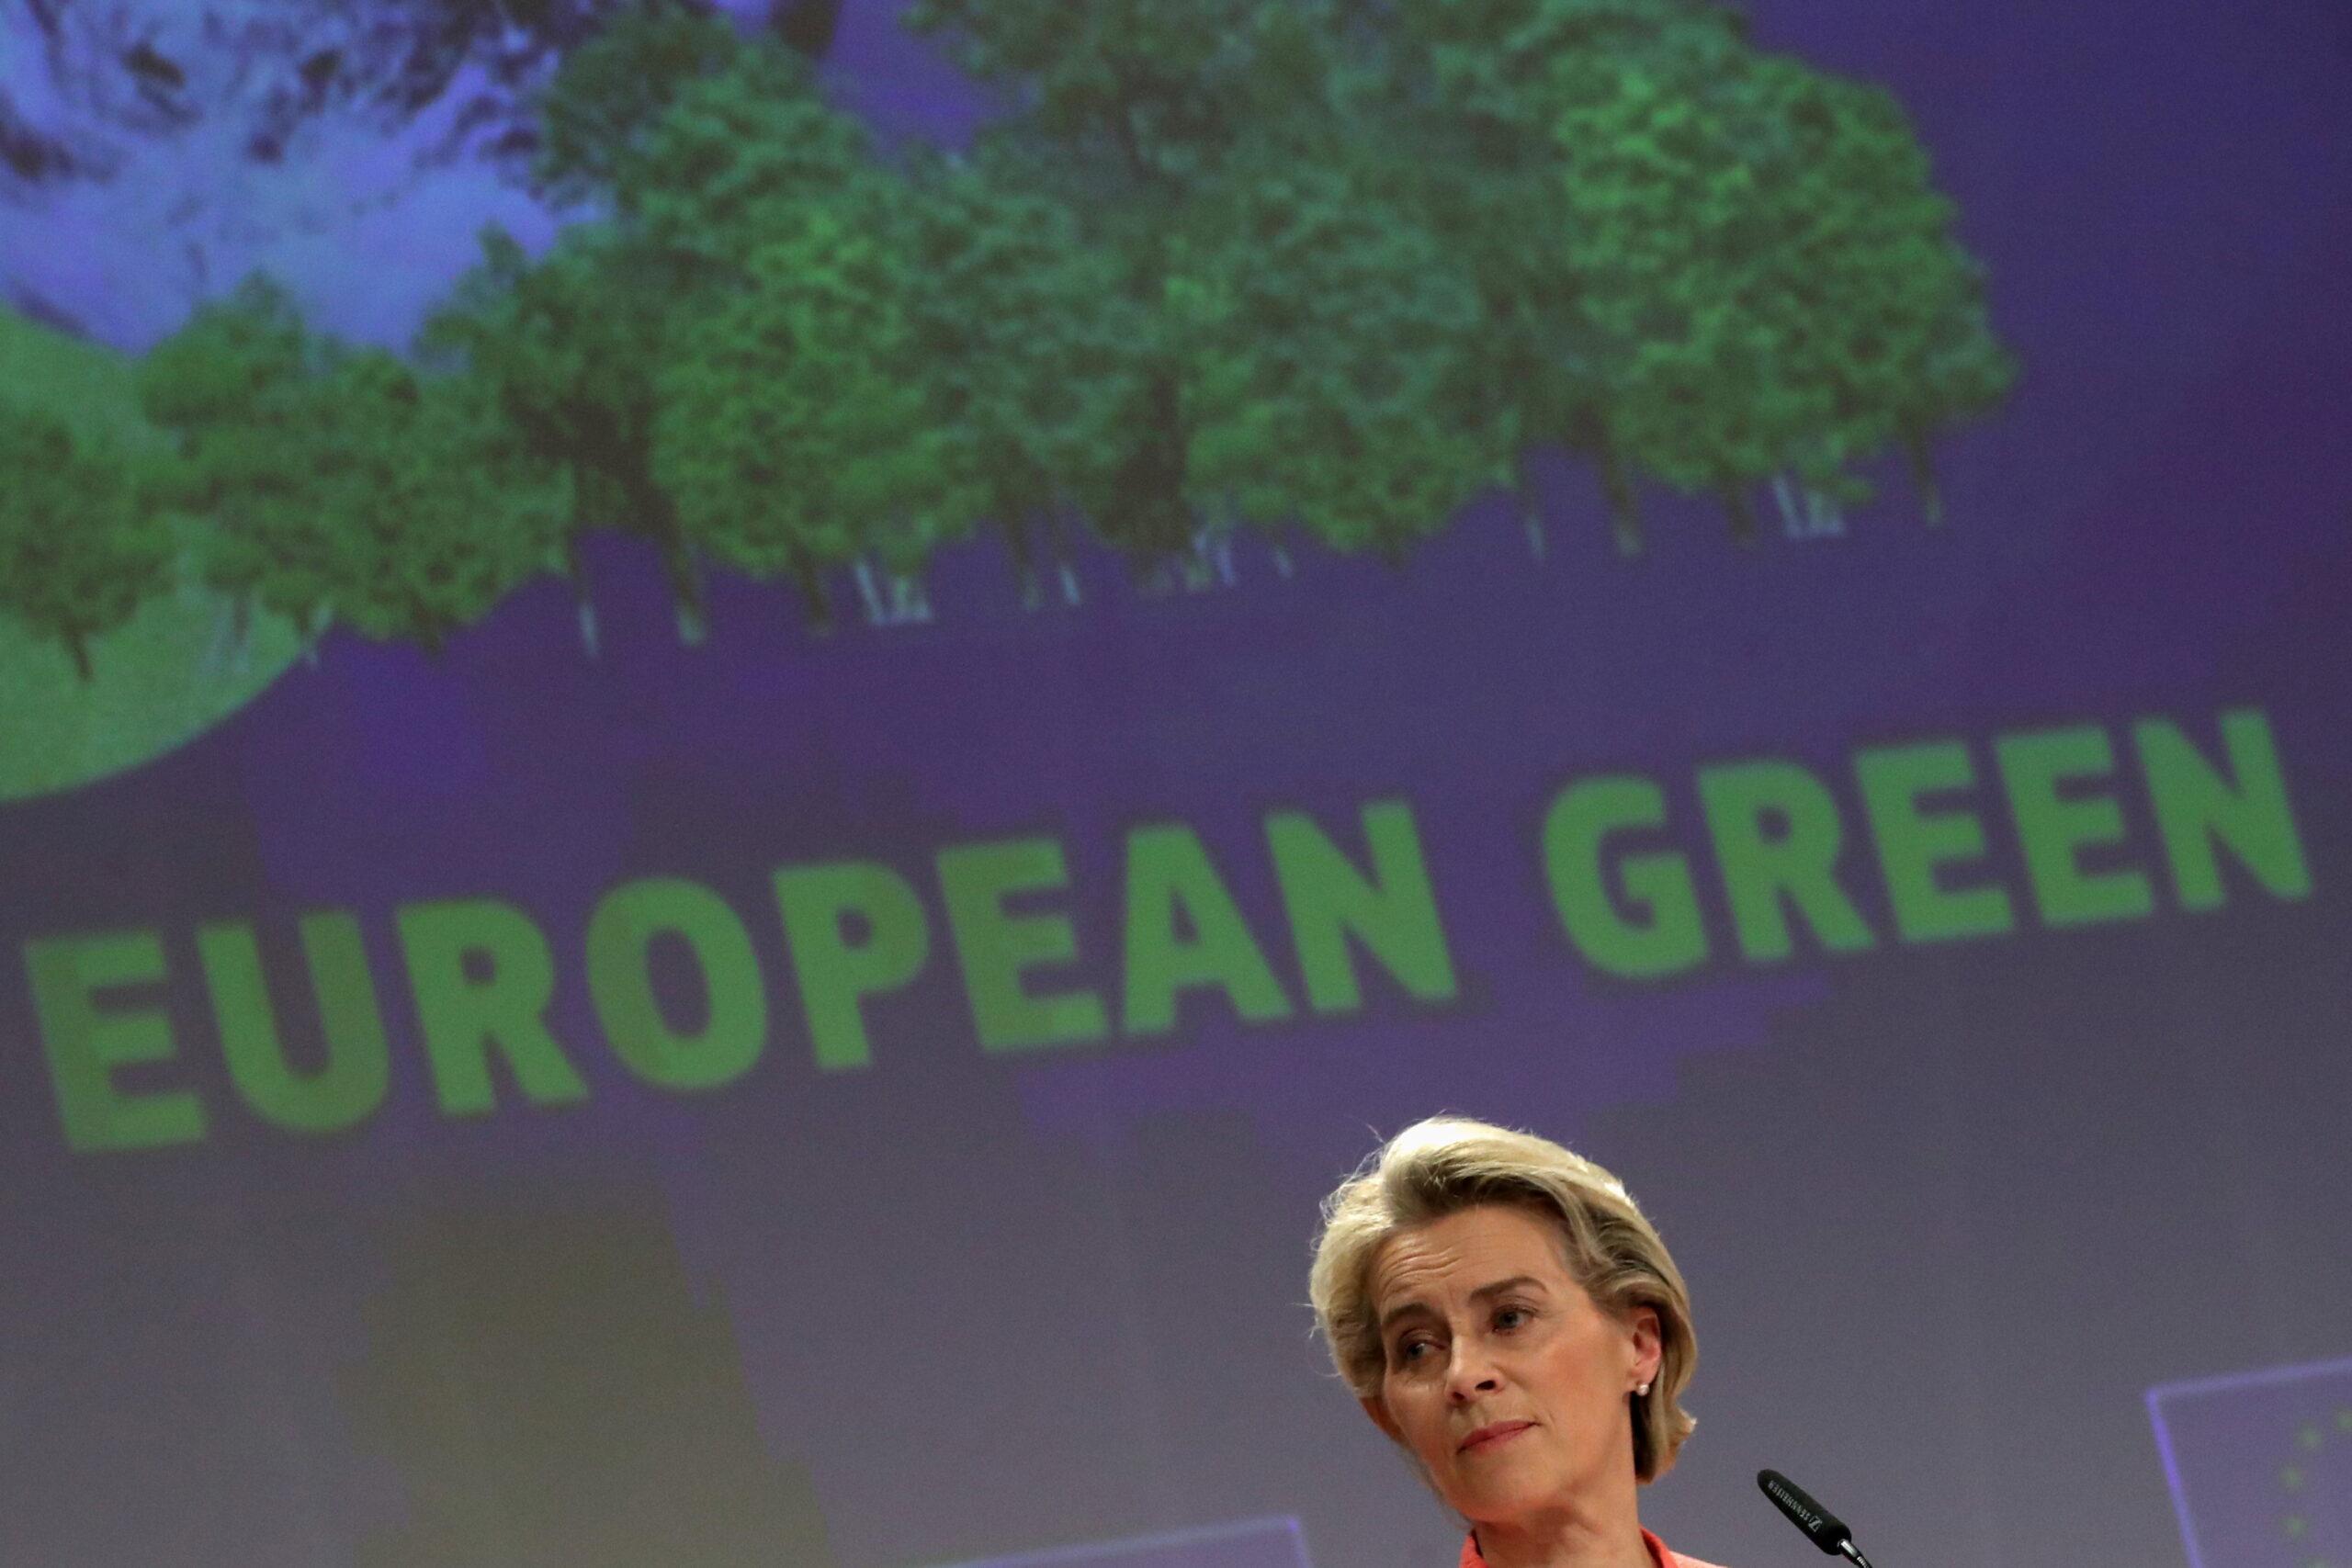 Presidente da Comissão Europeia, Ursula von der Leyen, durante lançamento de plano climático da União Europeia em Bruxelas